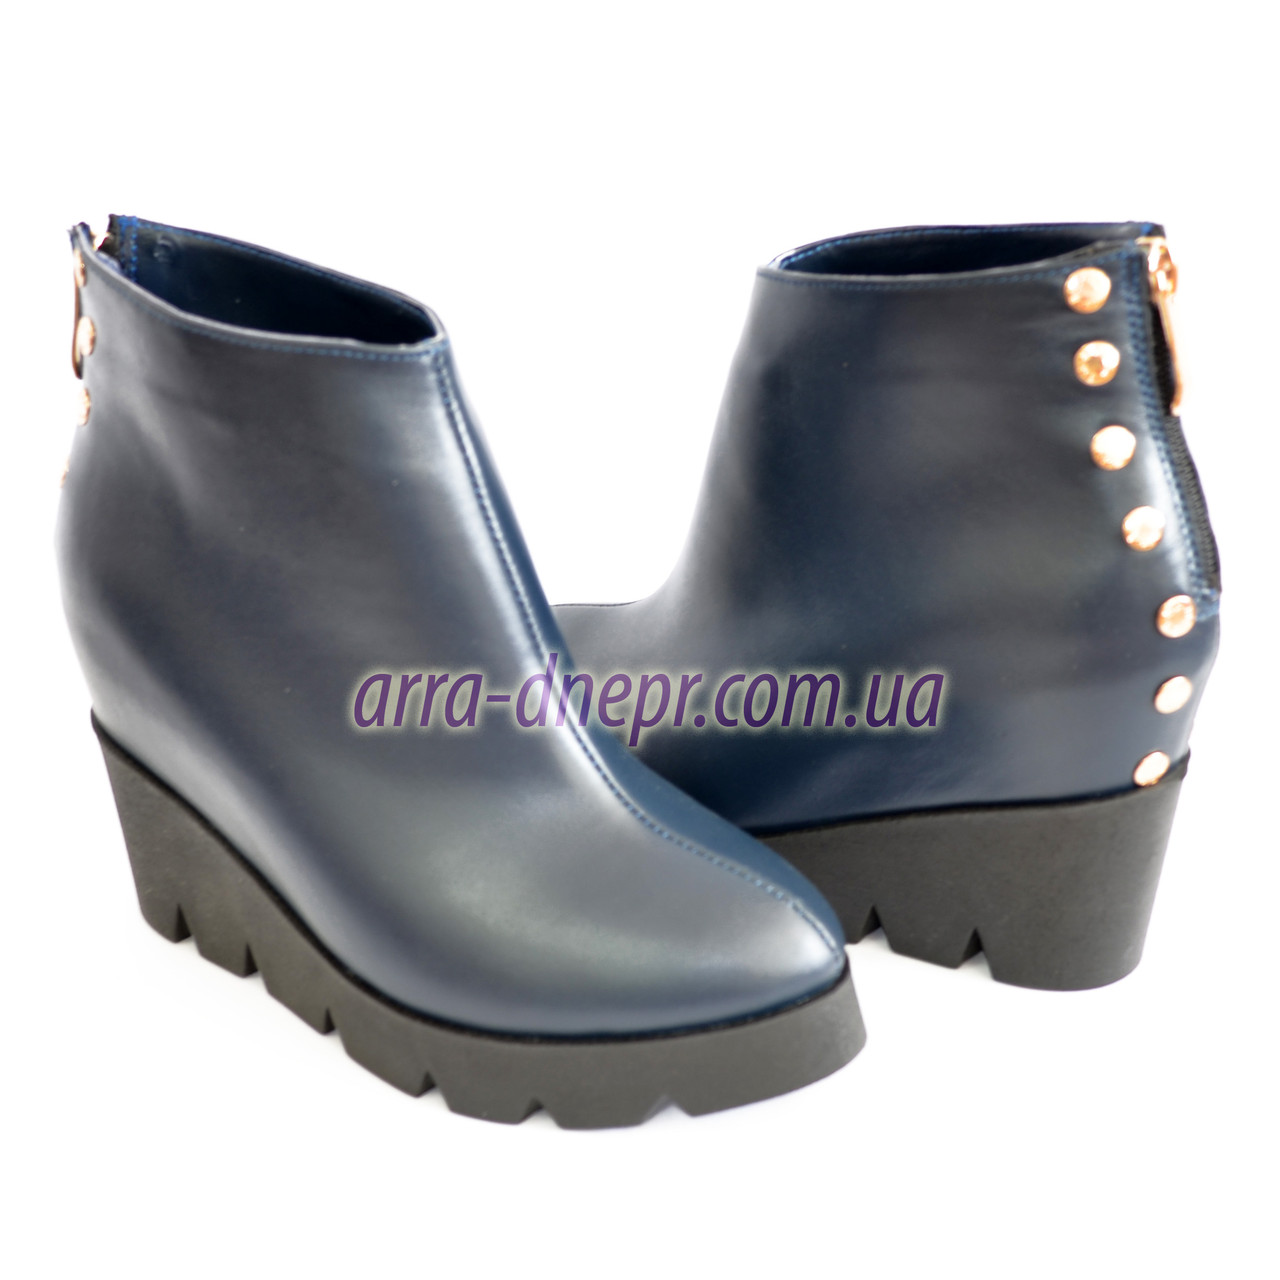 Стильные женские синие кожаные ботинки на платформе. Демисезон